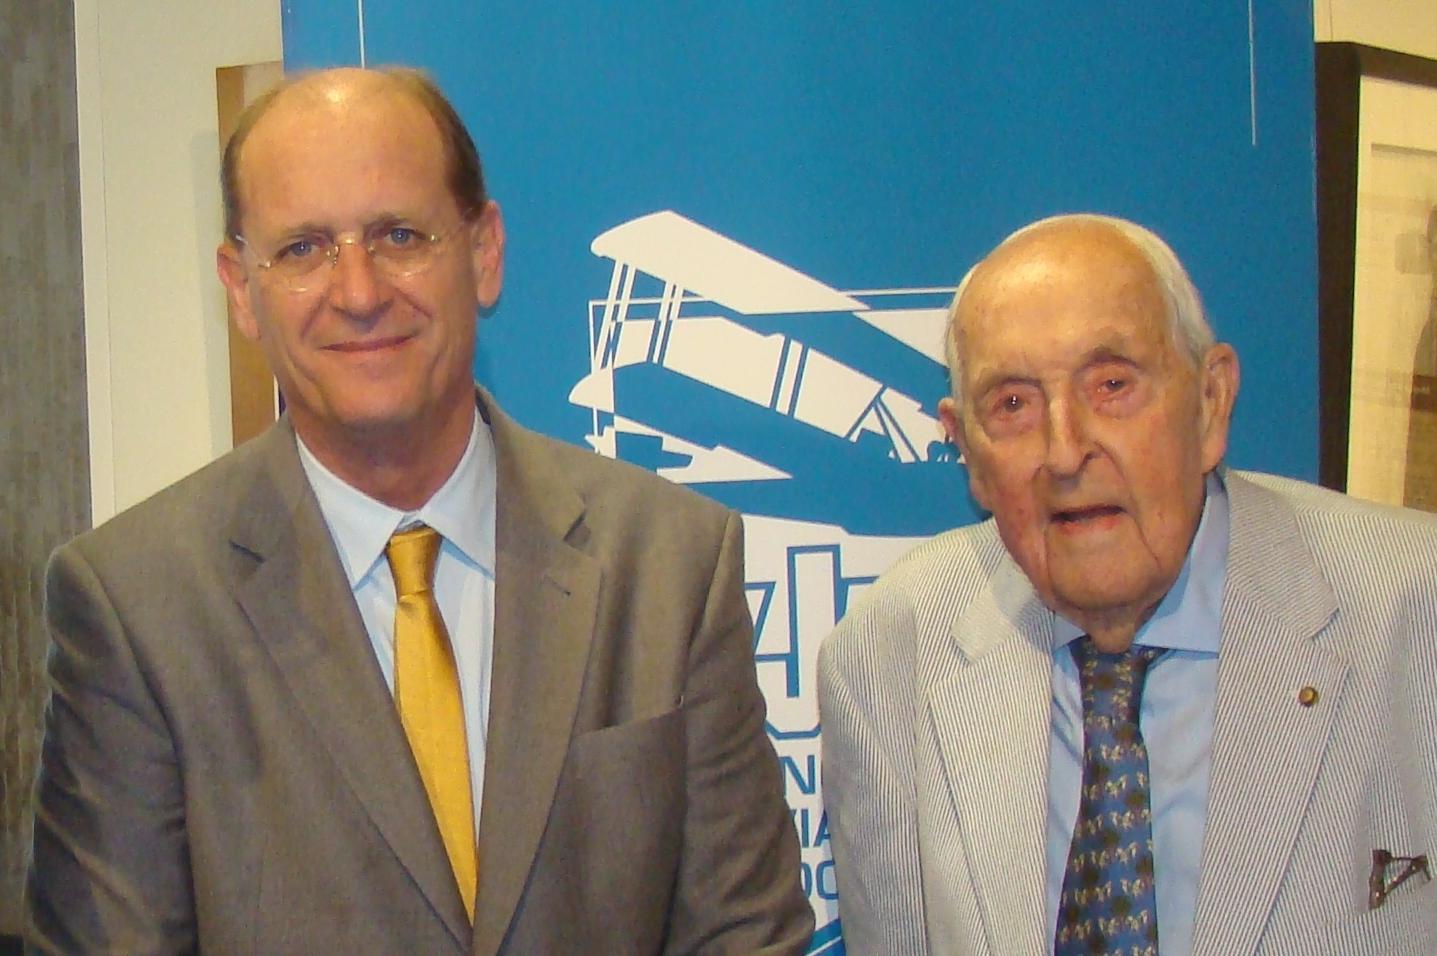 Richard H. Anderson & Sir Lenox Hewitt - 2, 15 Nov '13.JPG